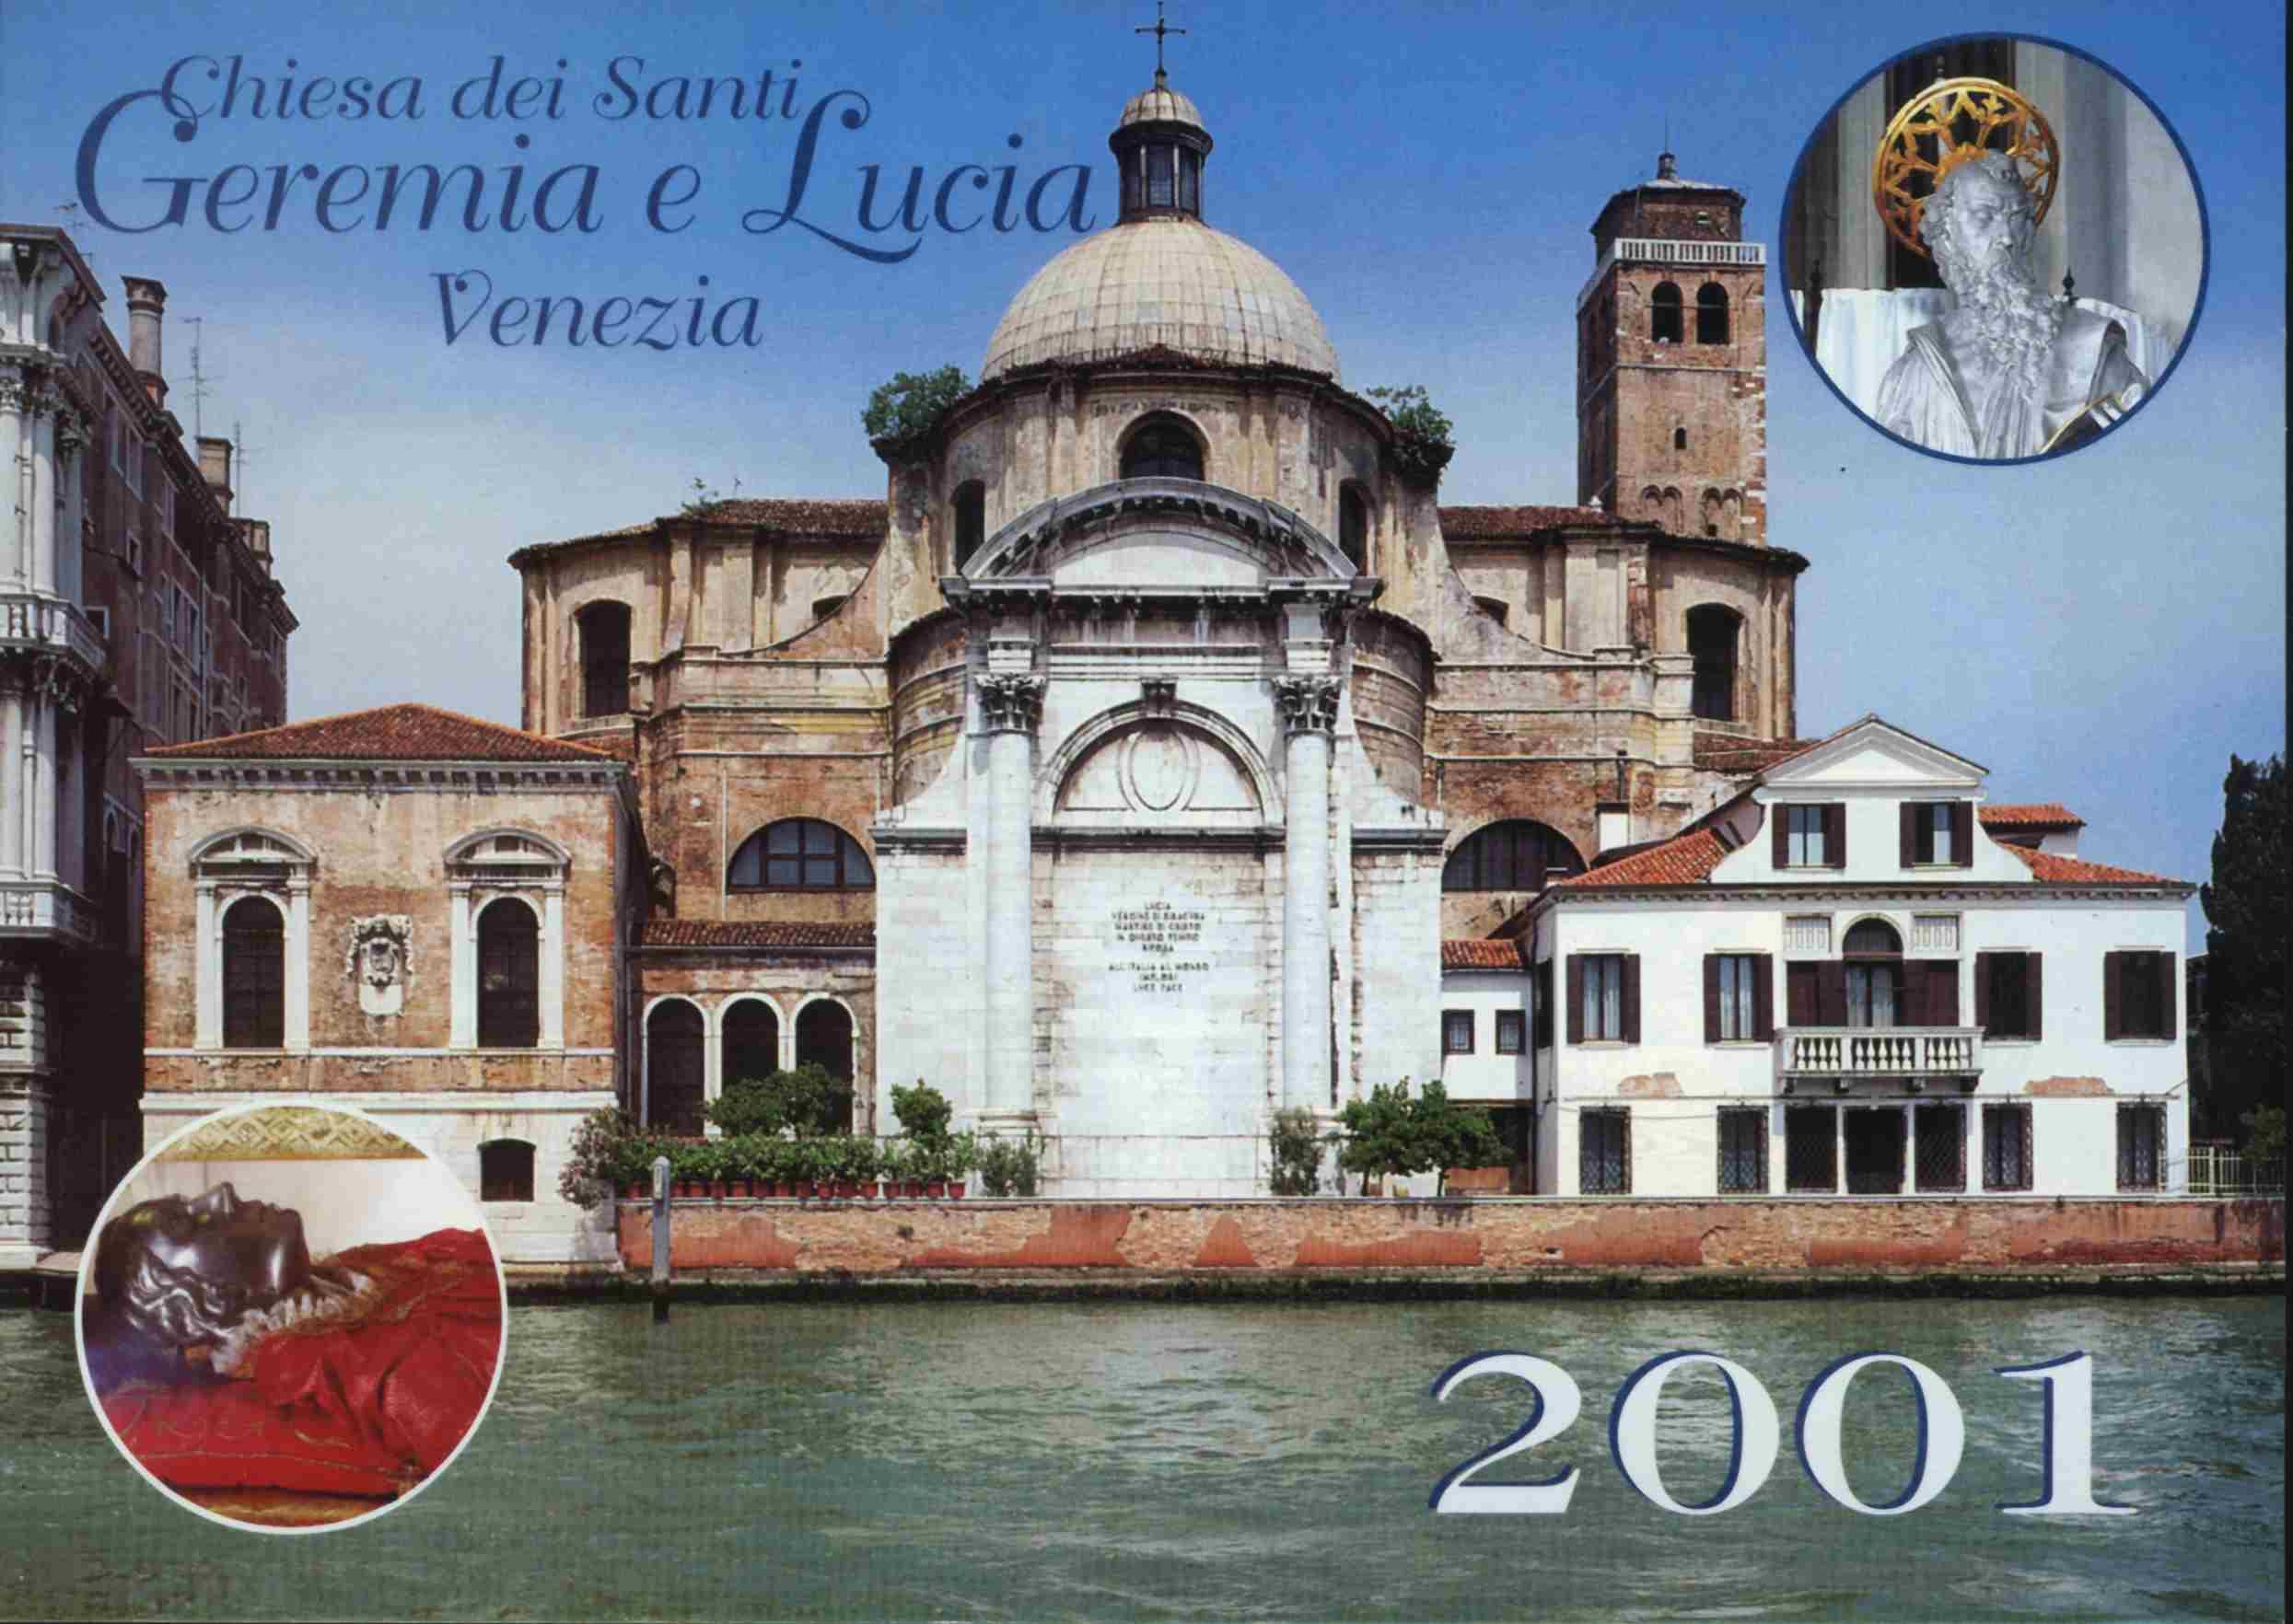 CHIESA SANTI GEREMIA E LUCIA - VENEZIA ITALIA